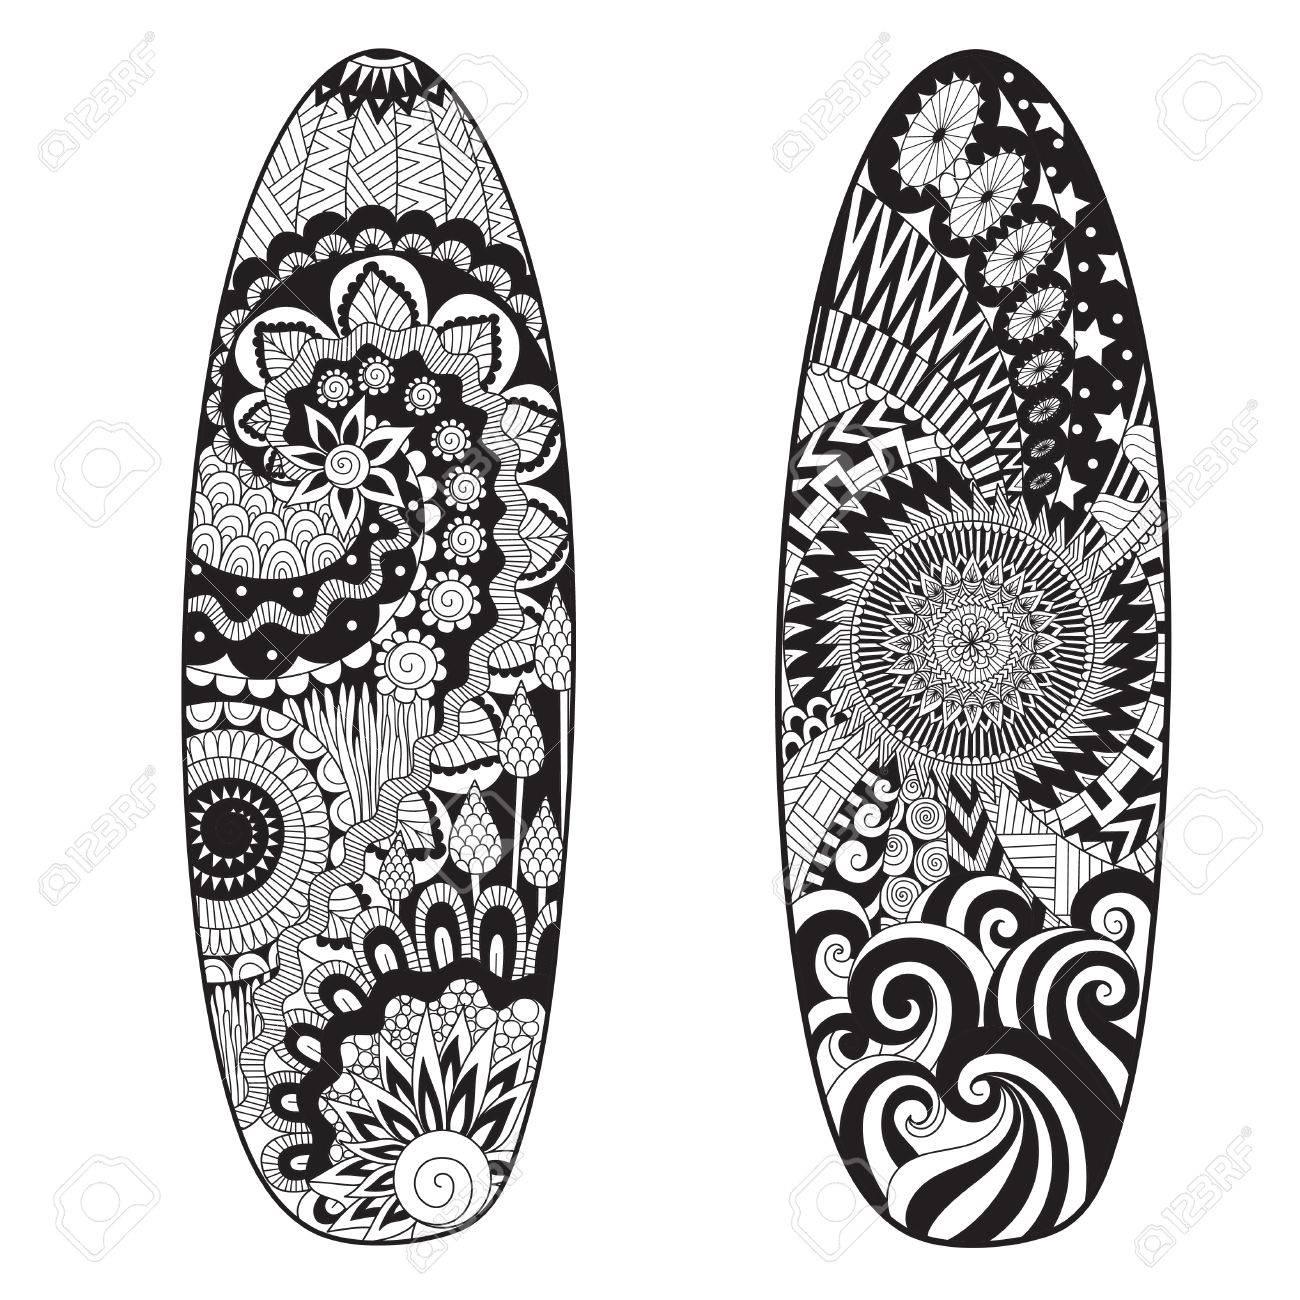 Conception D Art En Ligne De Deux Planches De Surf Pour L Element De Design Et La Page De Coloriage Pour Adultes Clip Art Libres De Droits Vecteurs Et Illustration Image 83684477